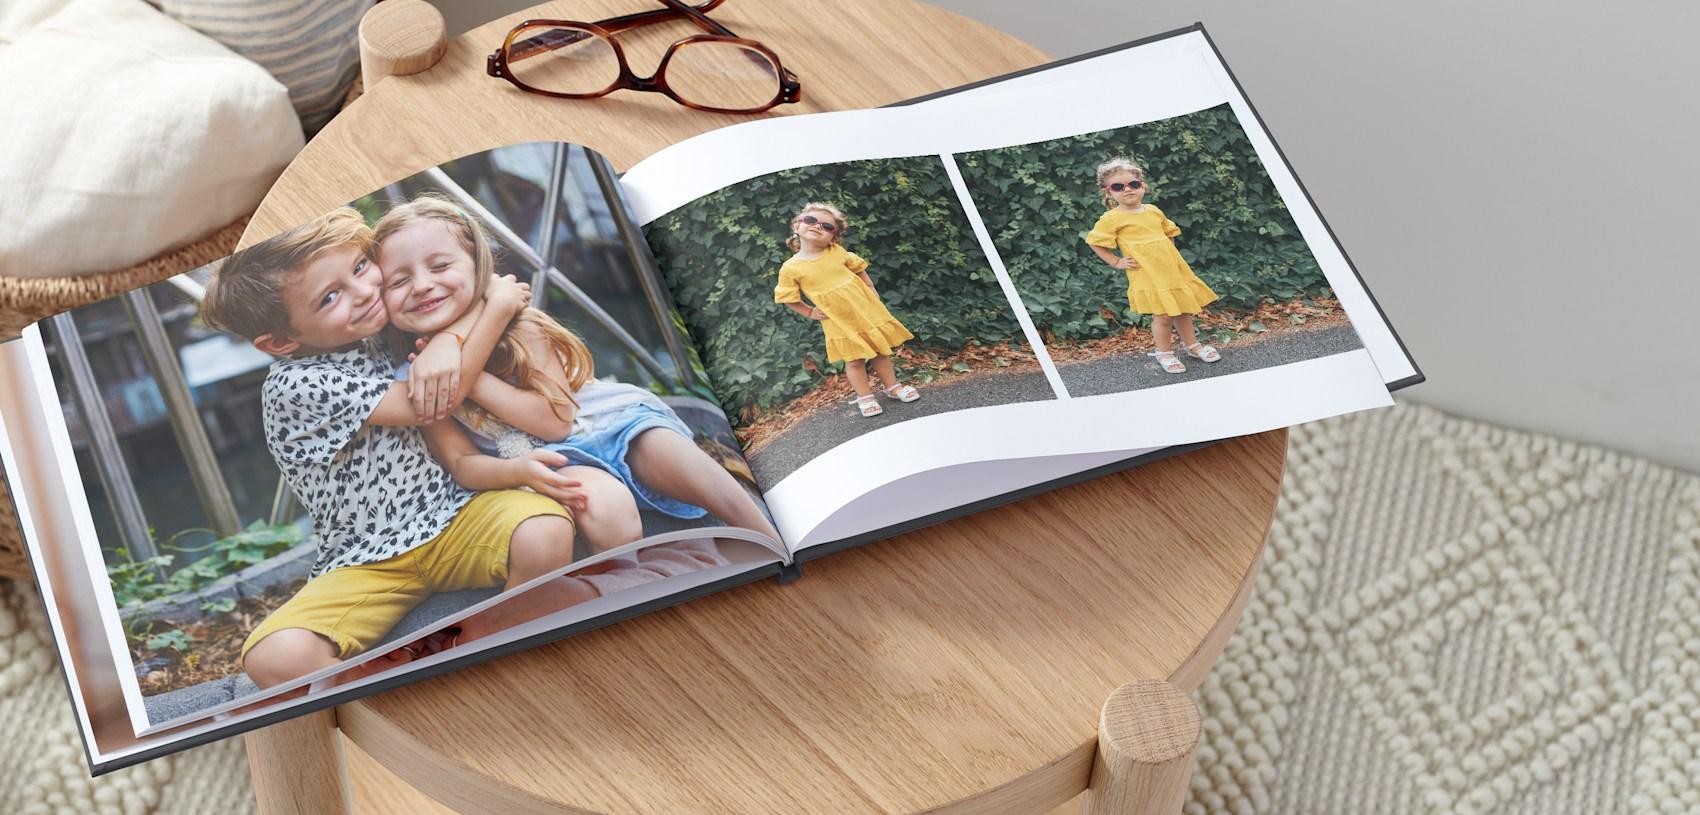 livre photo avec l'image de deux jeunes enfants qui s'étreignent